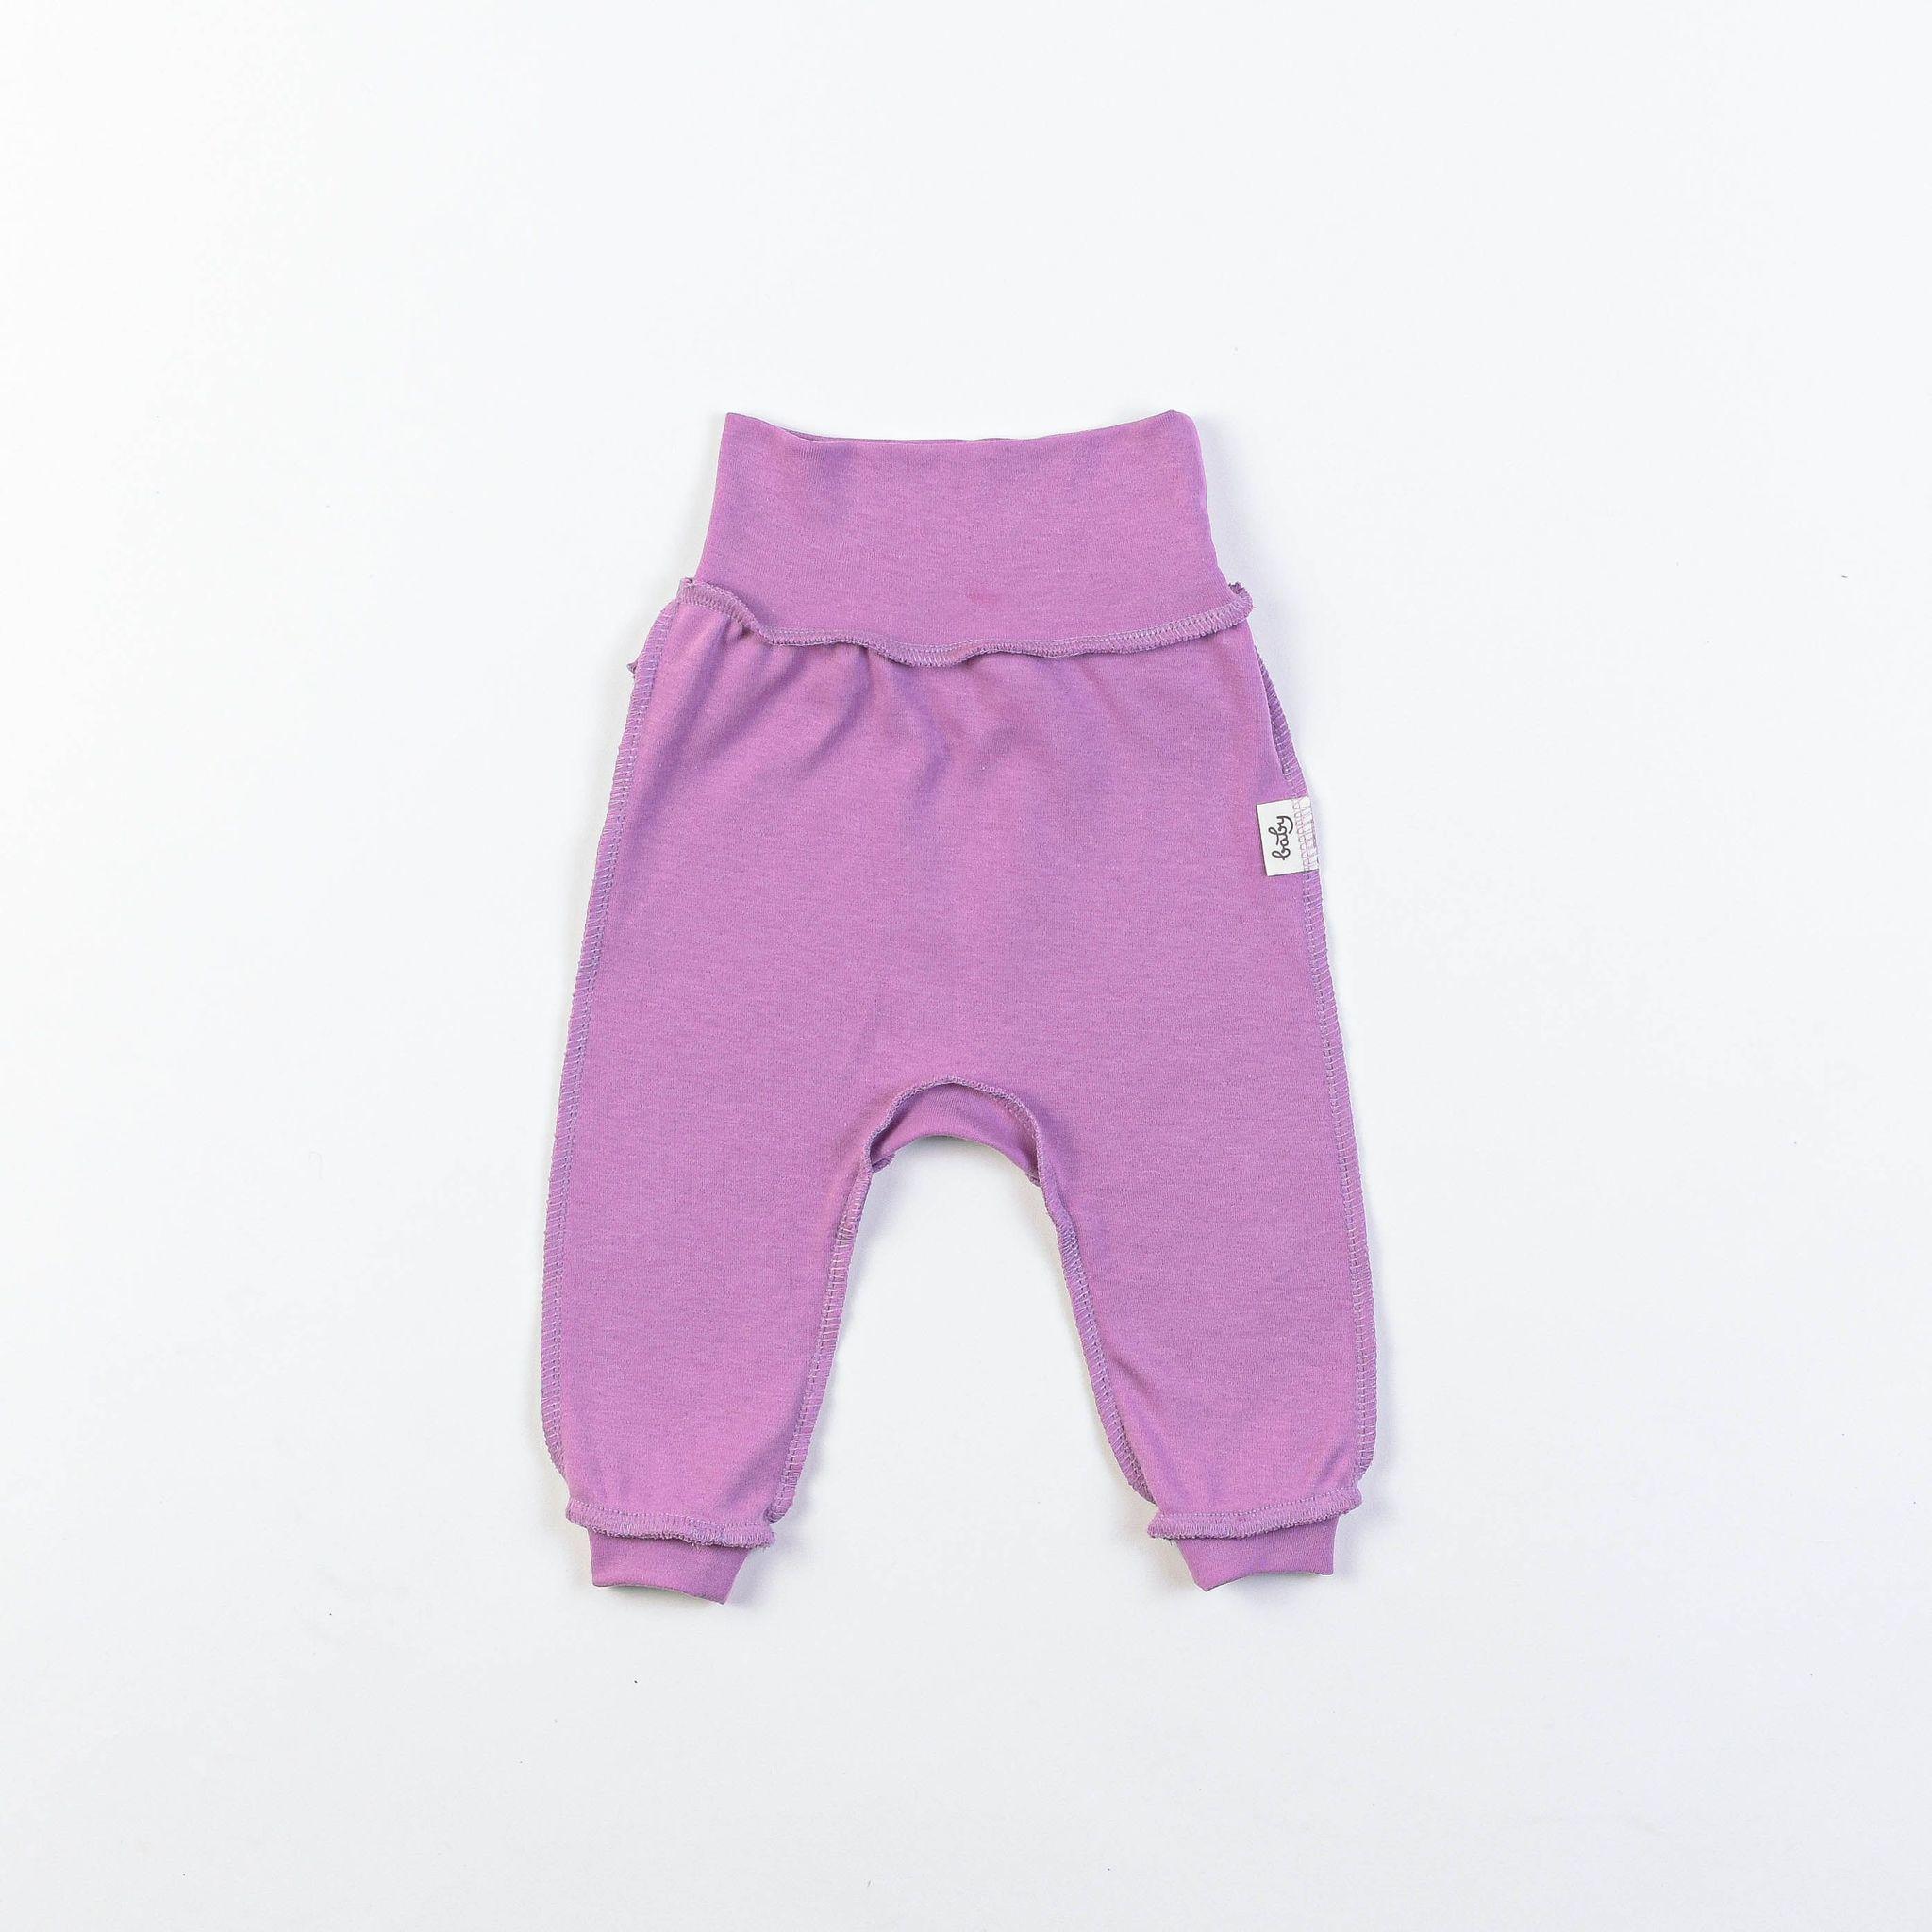 Ruffled leggings 0+, Lilac